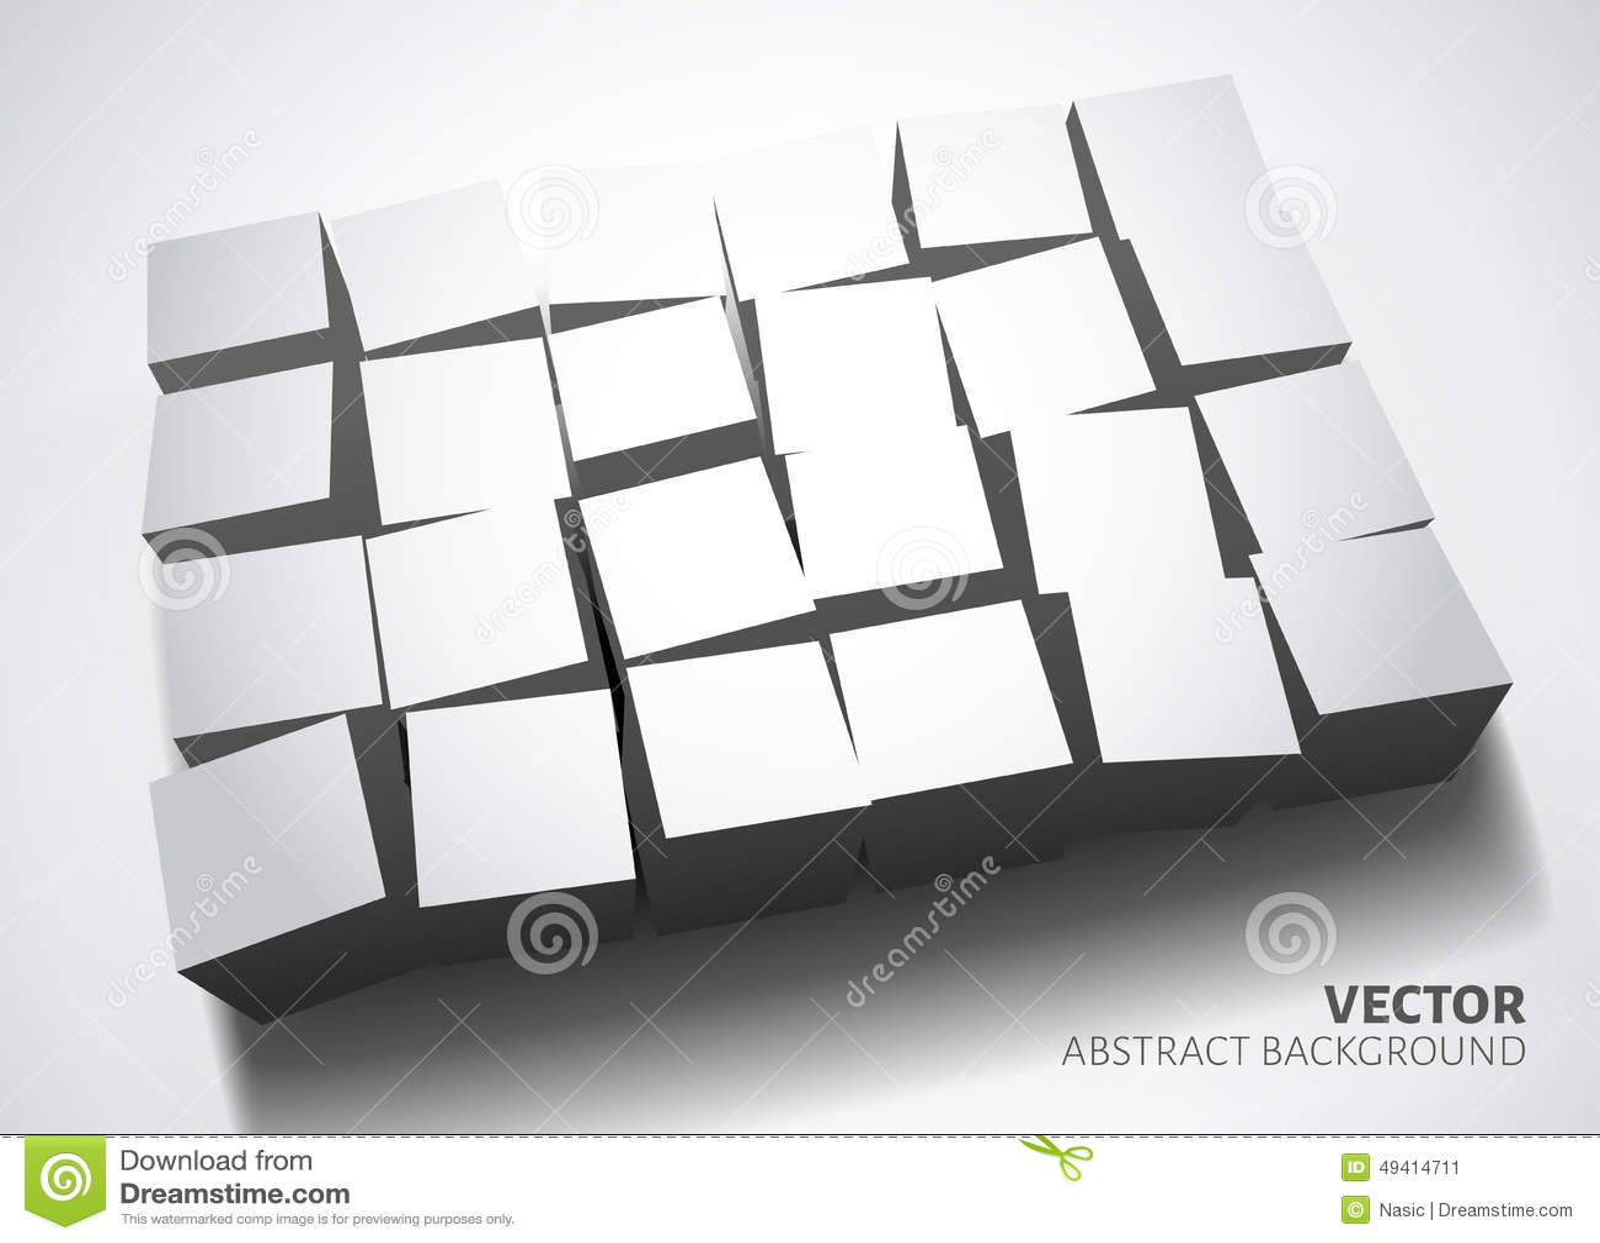 Download Weiße Hintergrundschablone vektor abbildung. Illustration von schwarzes - 49414711